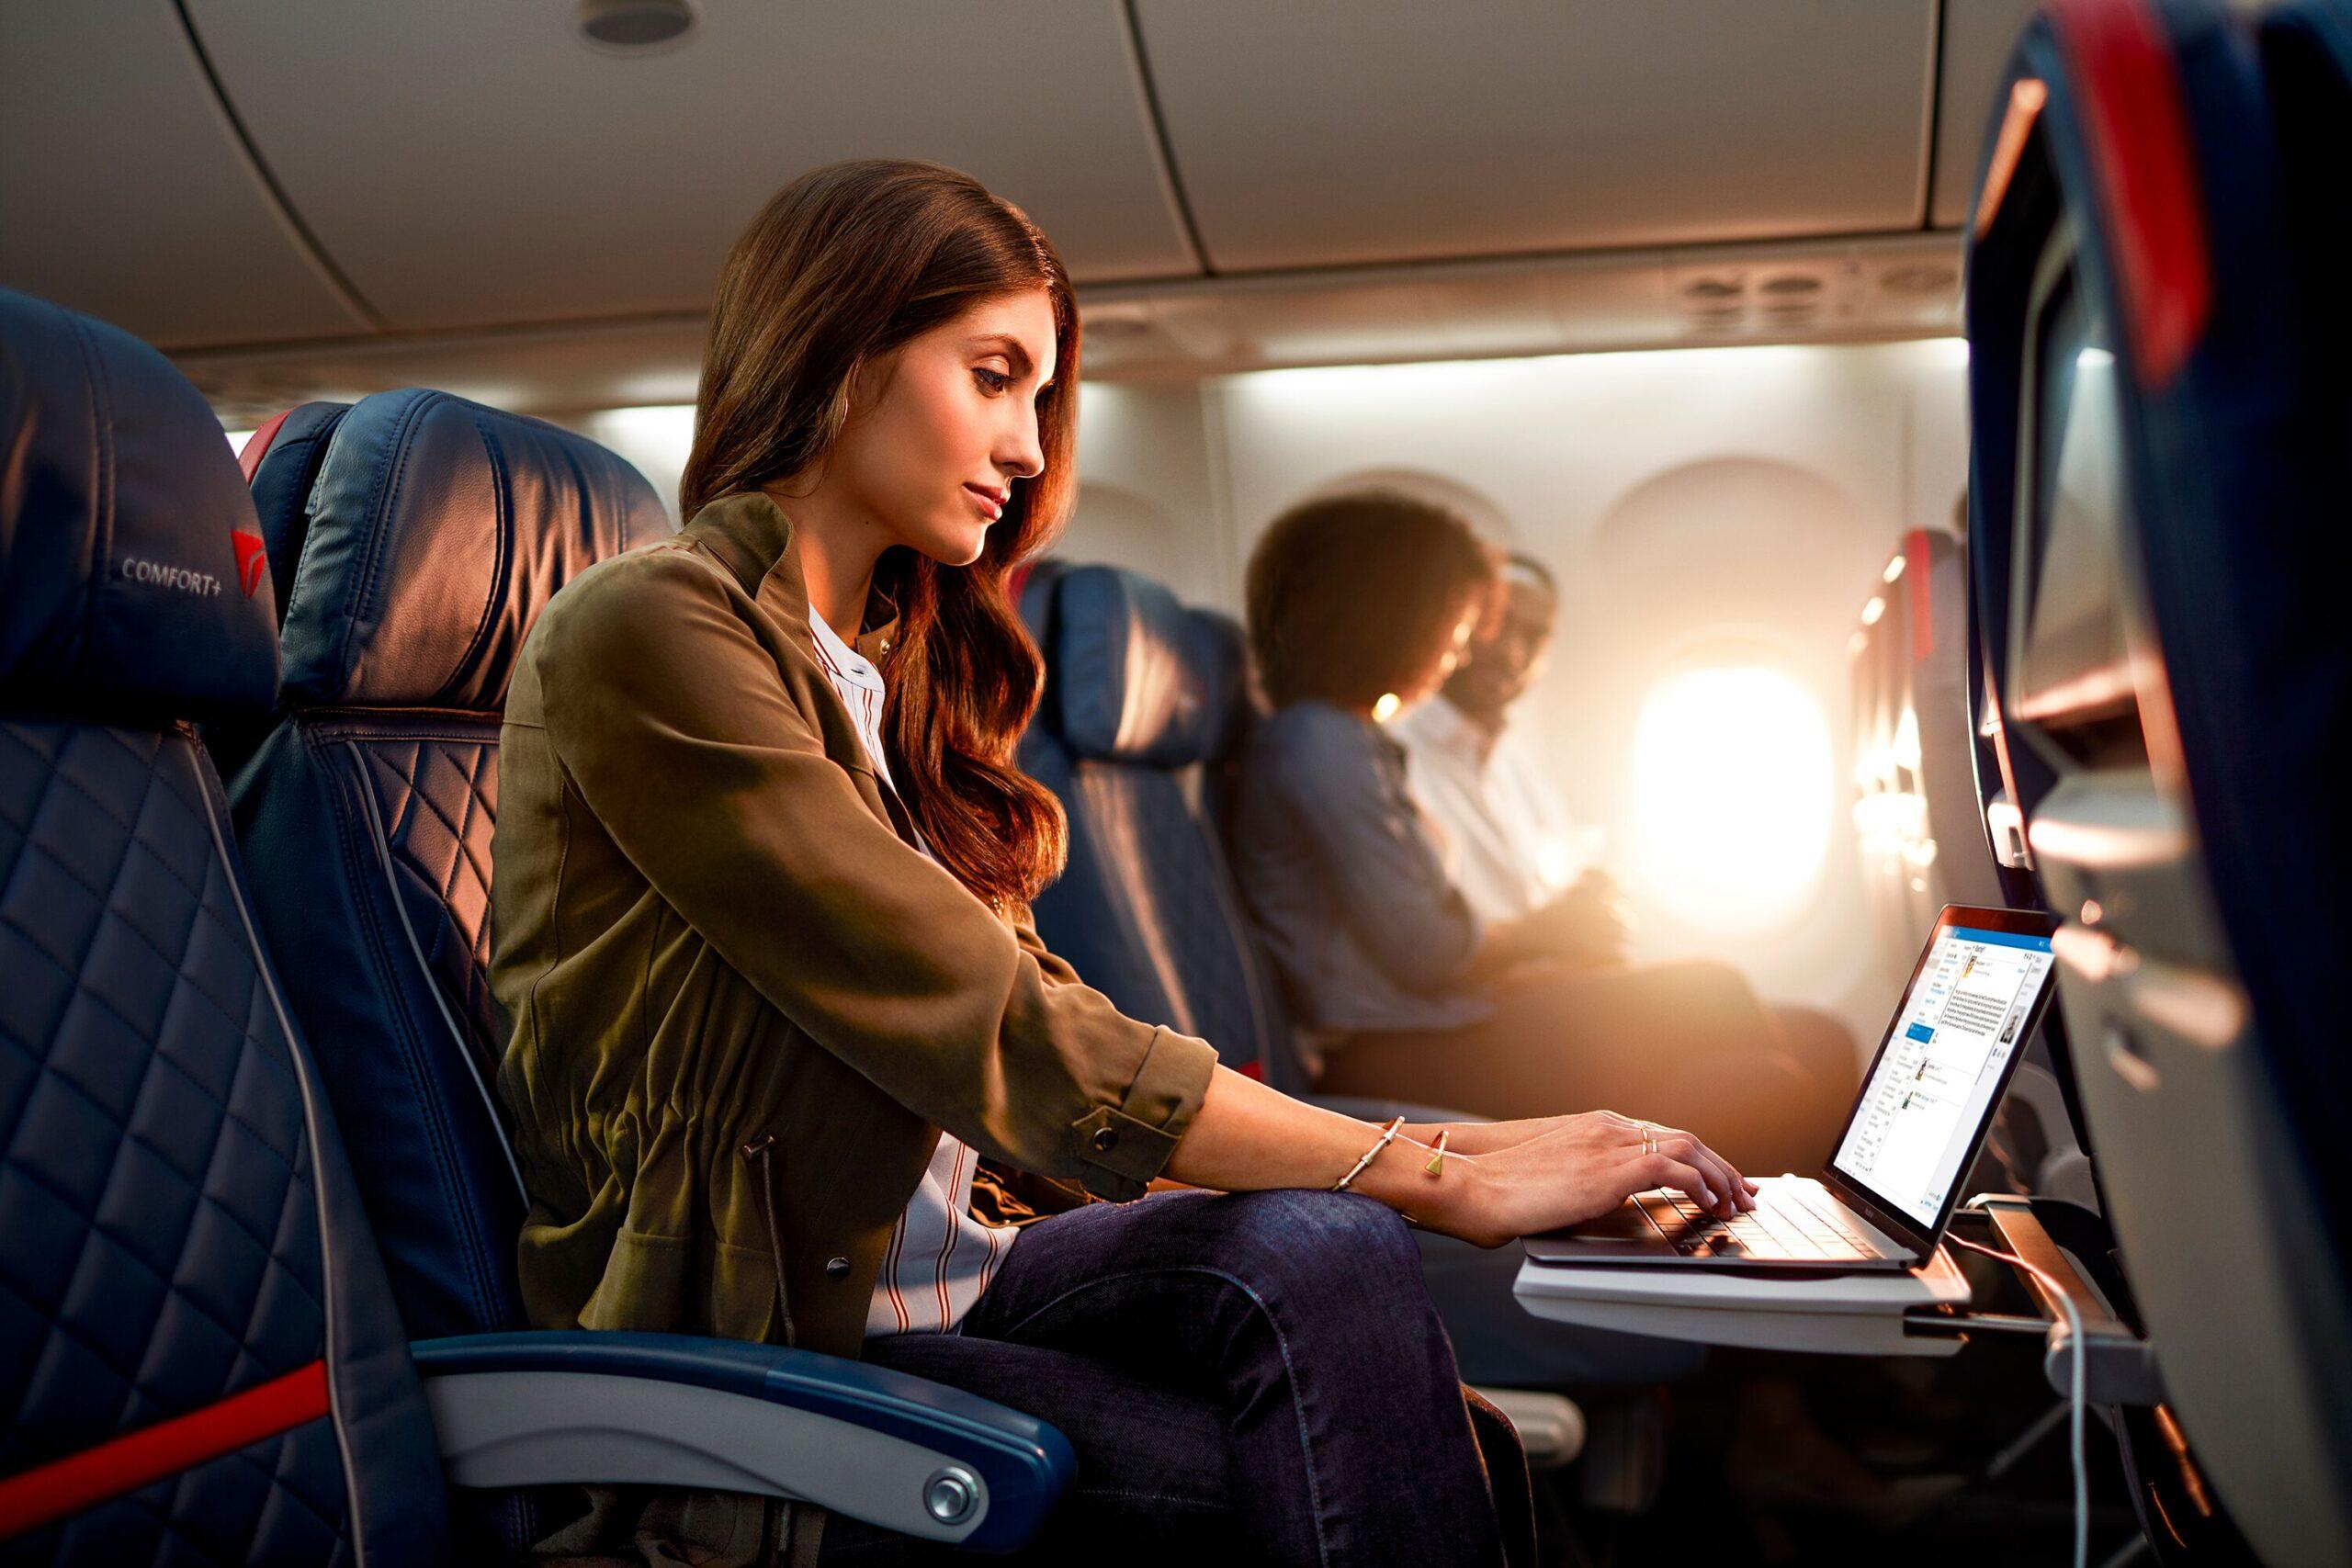 Delta Airlines John Fulton Delta Breast Cancer N5841pt0 Scaled